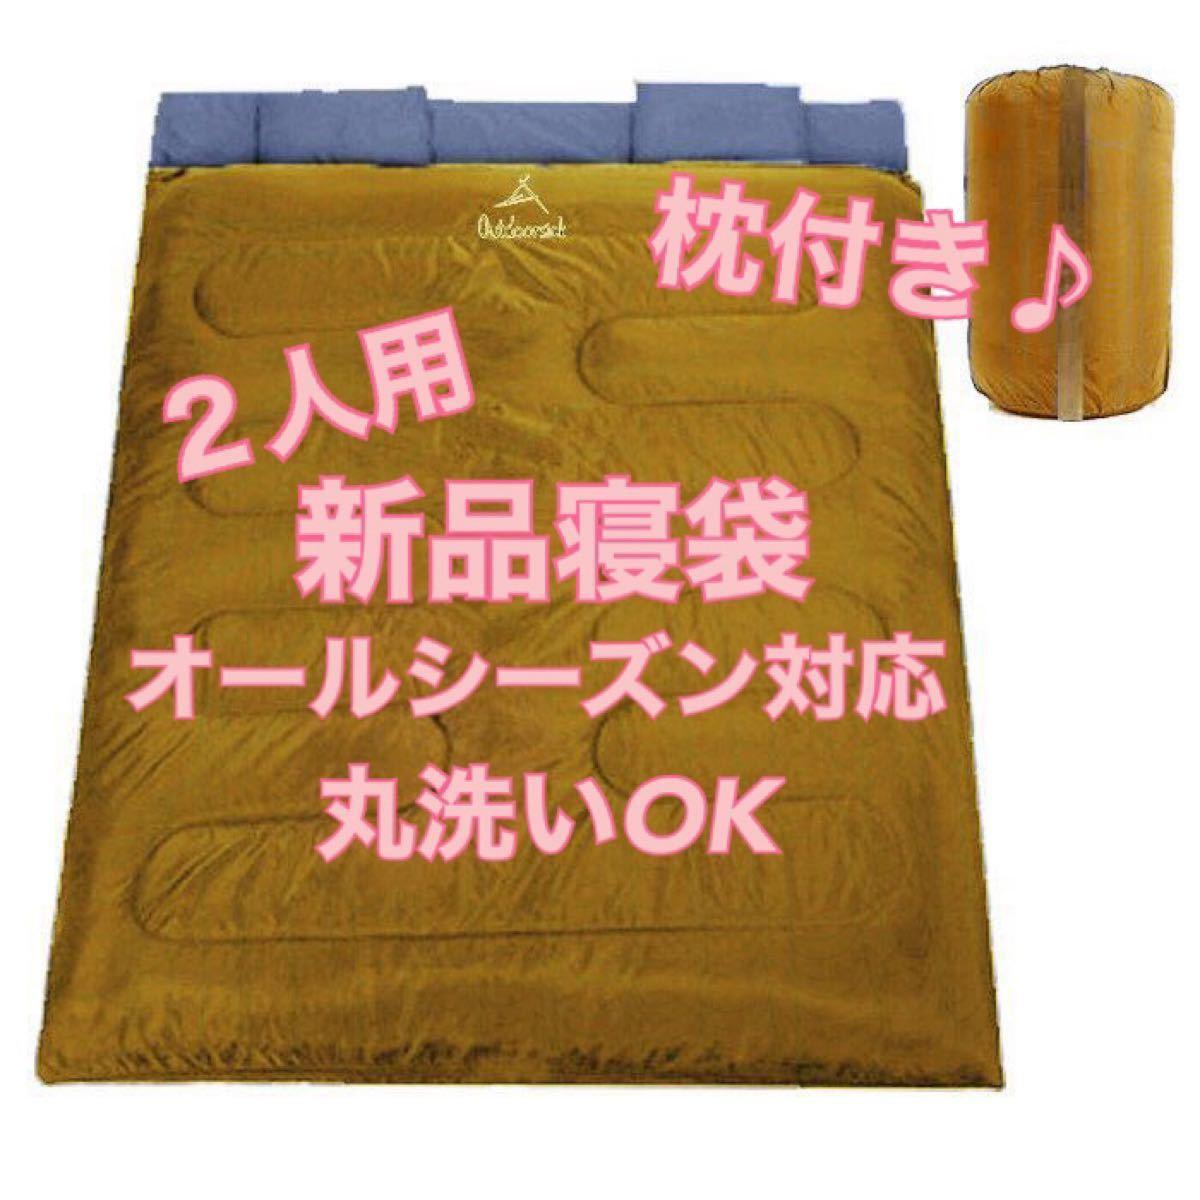 寝袋 2人用 枕付き セパレート 連結 オールシーズン 丸洗い シュラフ キャンプ アウトドア 防災 避難 釣り 登山 -5℃